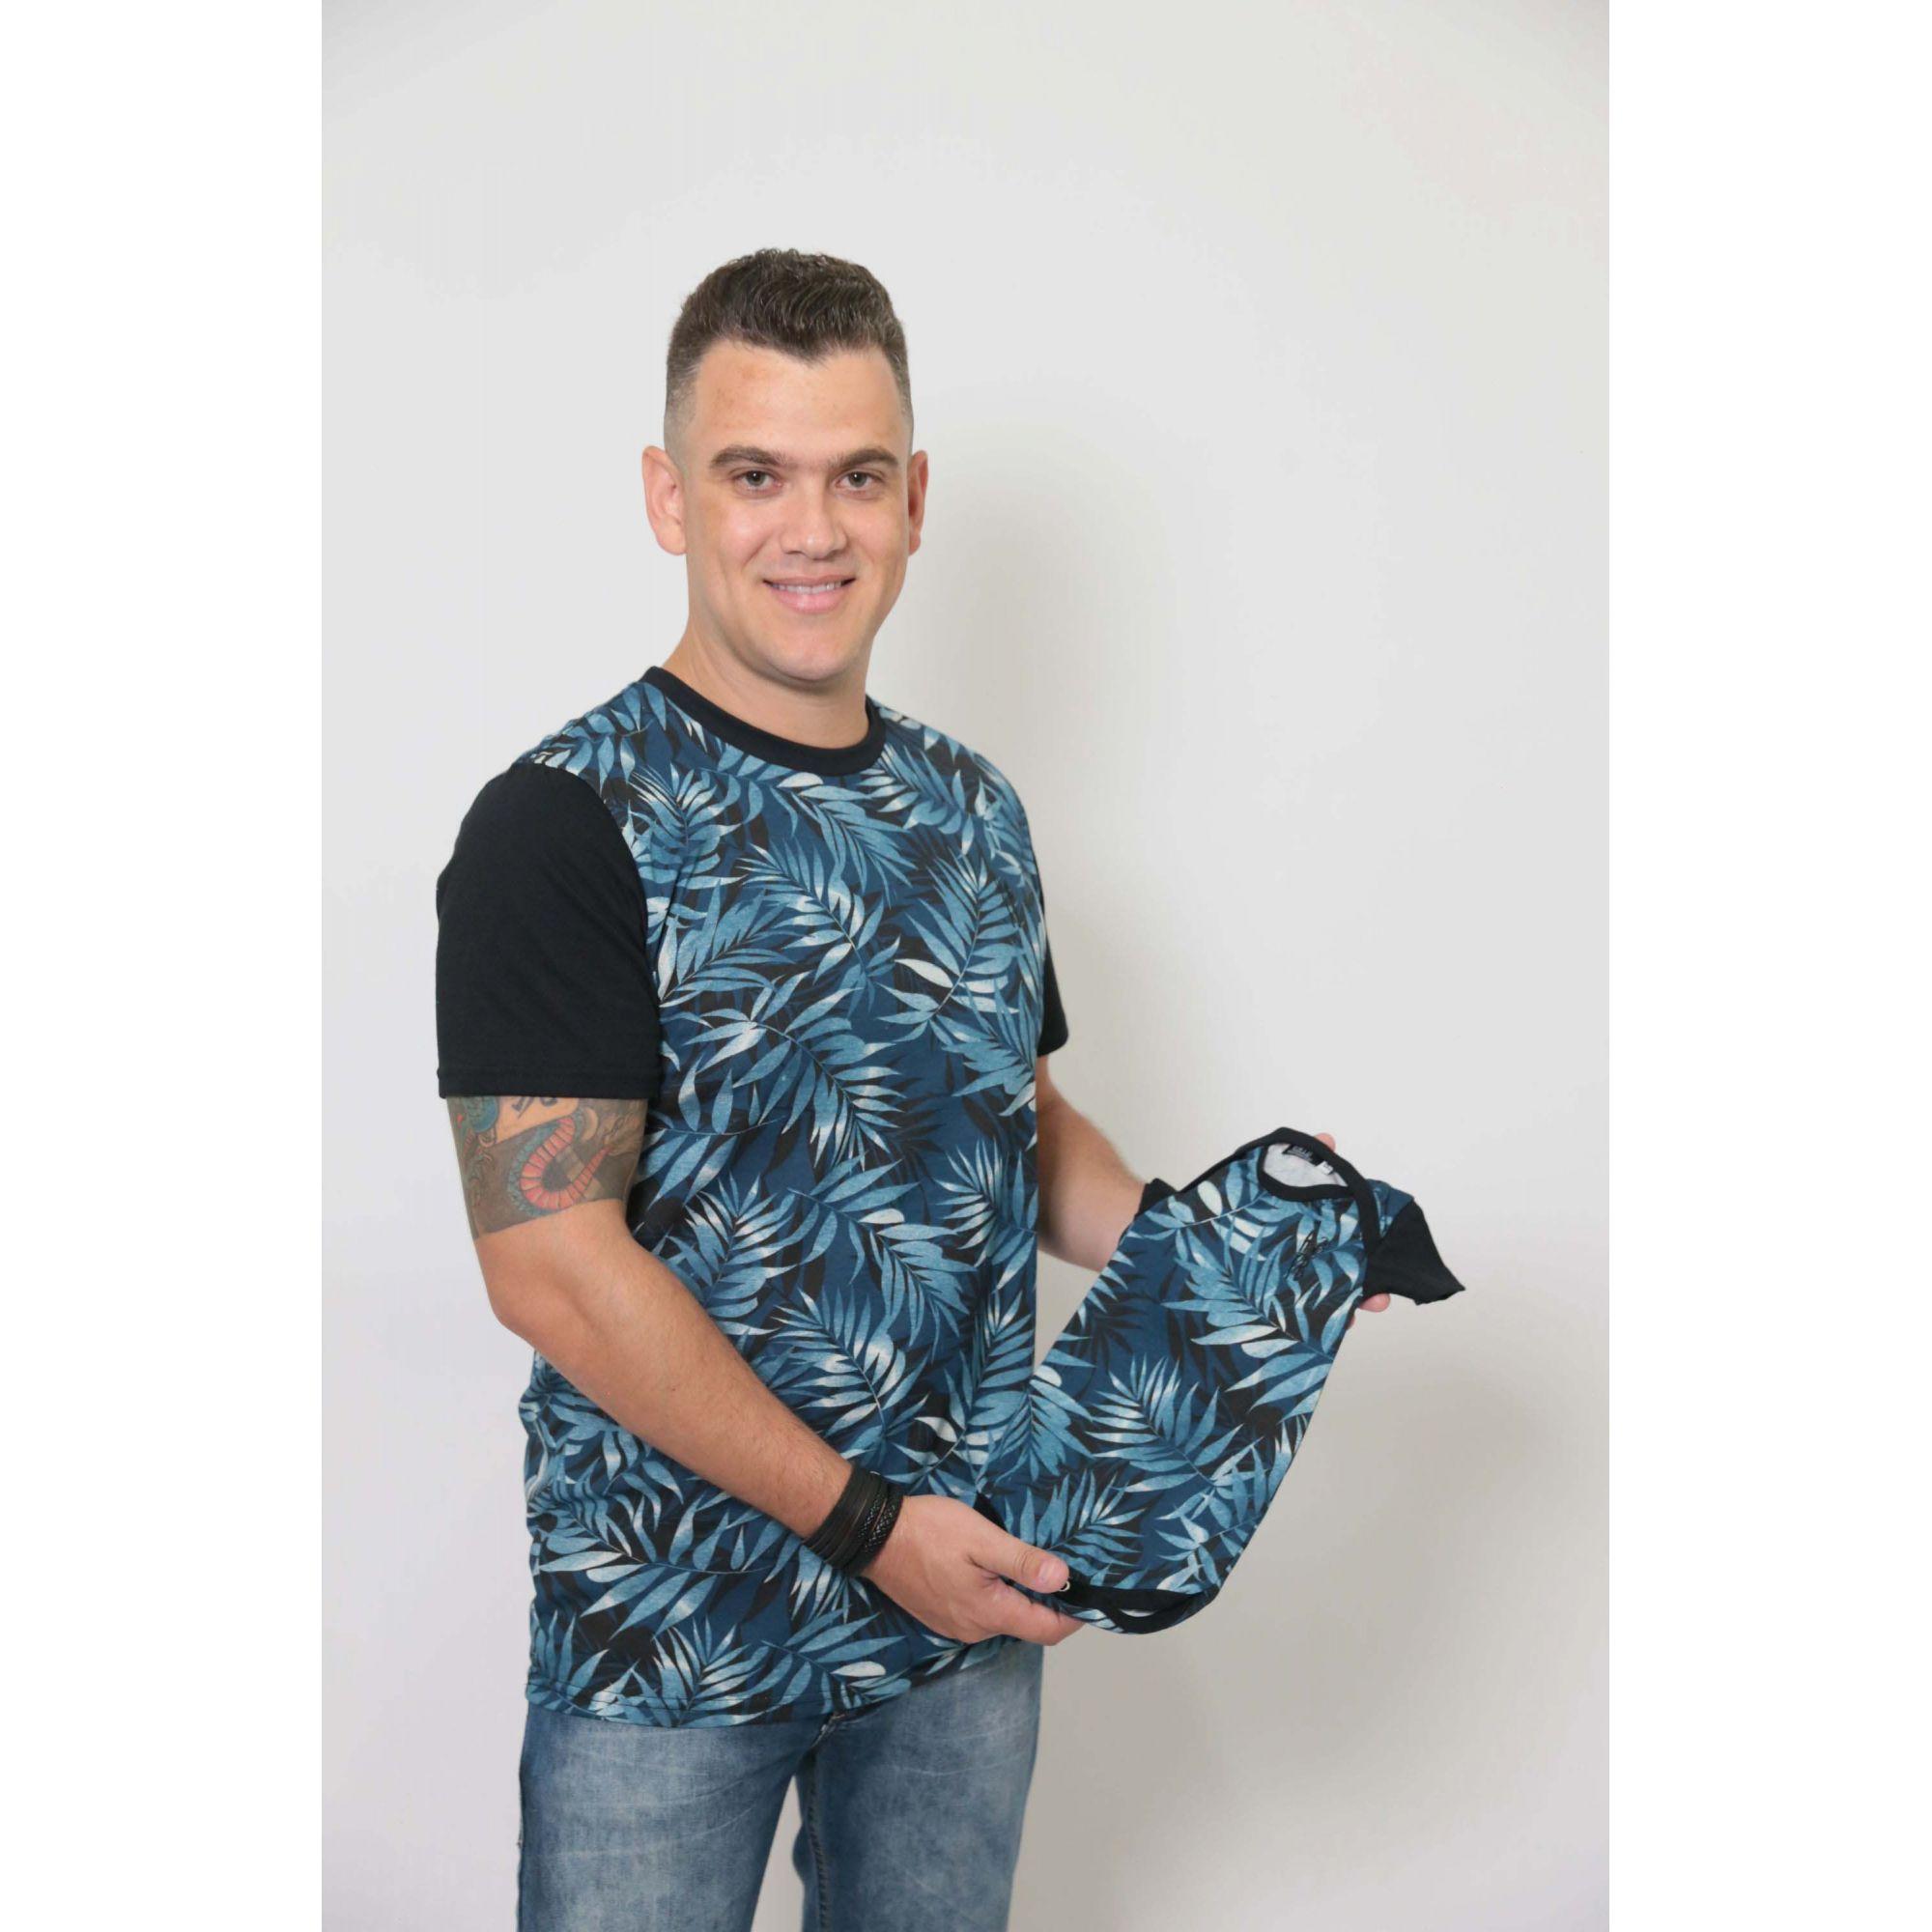 PAIS E FILHOS > Kit 3 Peças T-Shirt - Tropical - Unissex [Coleção Família]  - Heitor Fashion Brazil